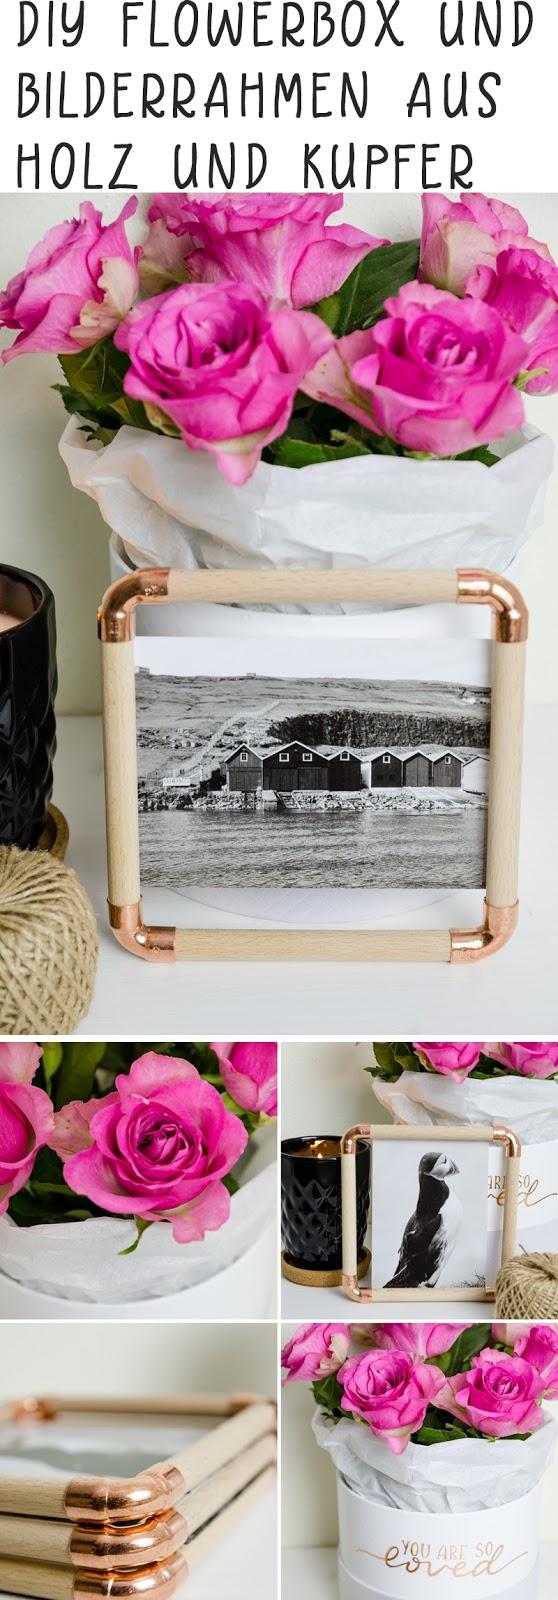 DIY Bilderrahmen aus Holz & Kupfer, eine Flowerbox und eine ...